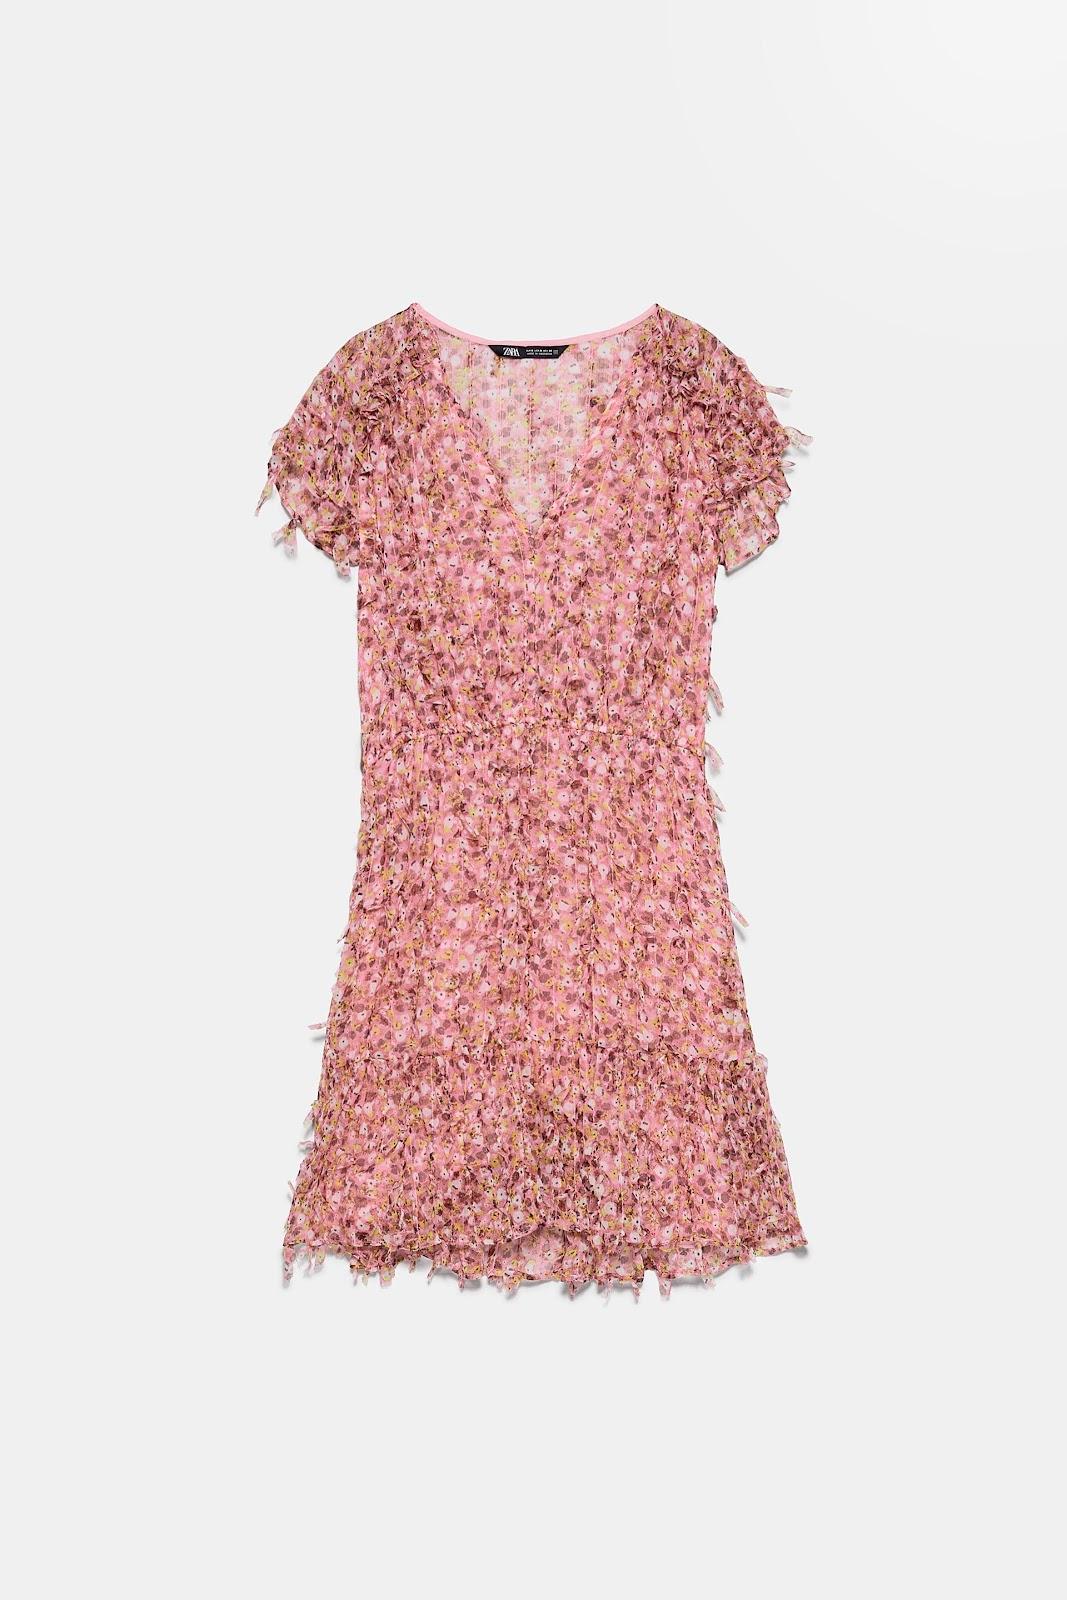 Imagen que contiene ropa, vestido, camiseta  Descripción generada automáticamente